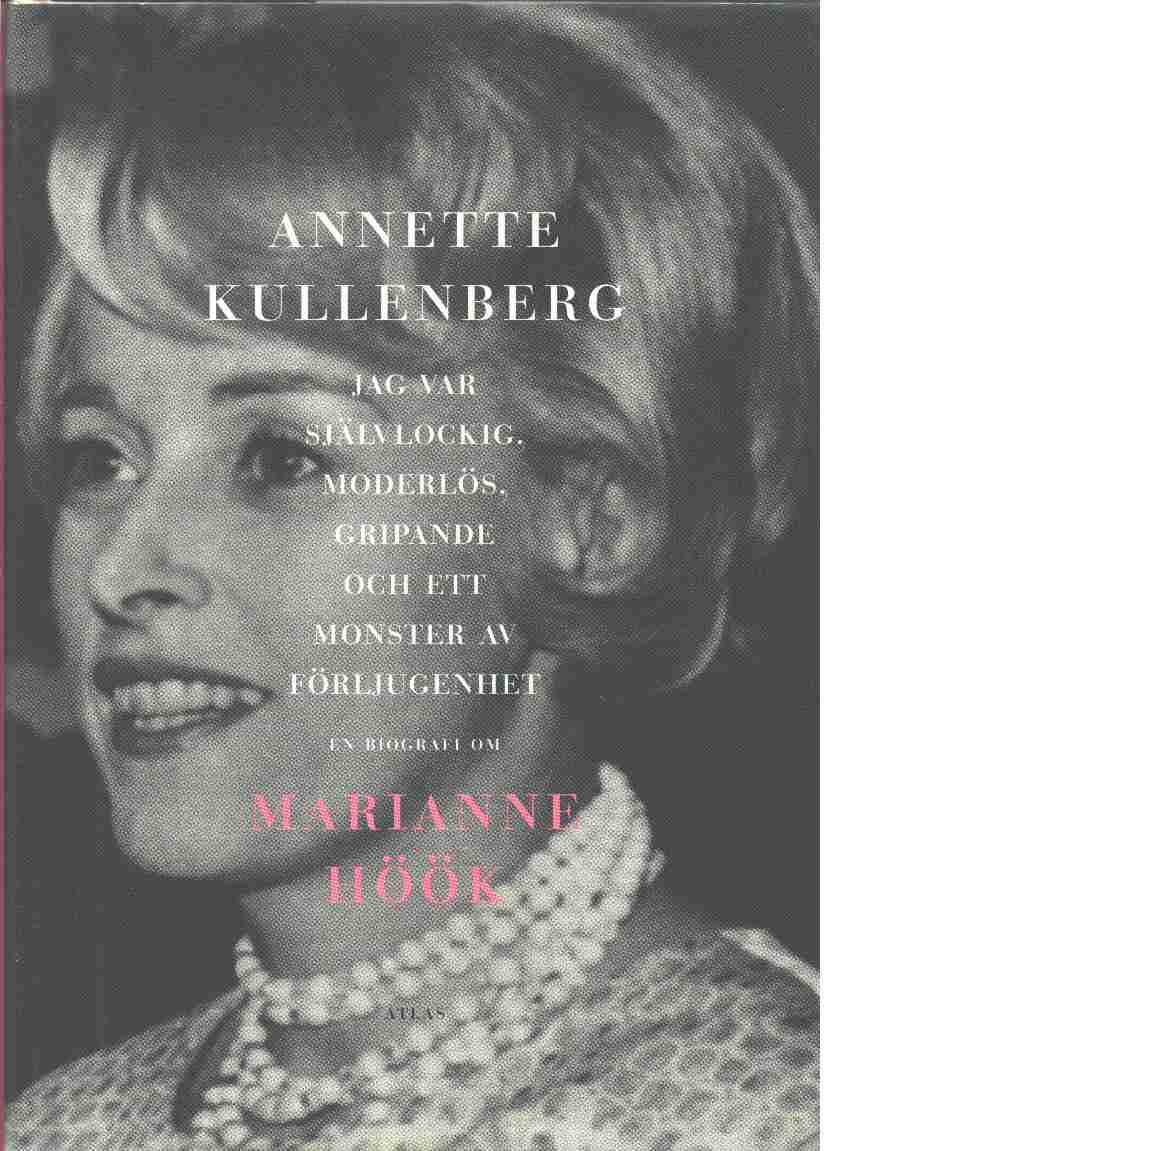 Jag var självlockig, moderlös, gripande och ett monster av förljugenhet : en biografi om Marianne Höök - Kullenberg, Annette